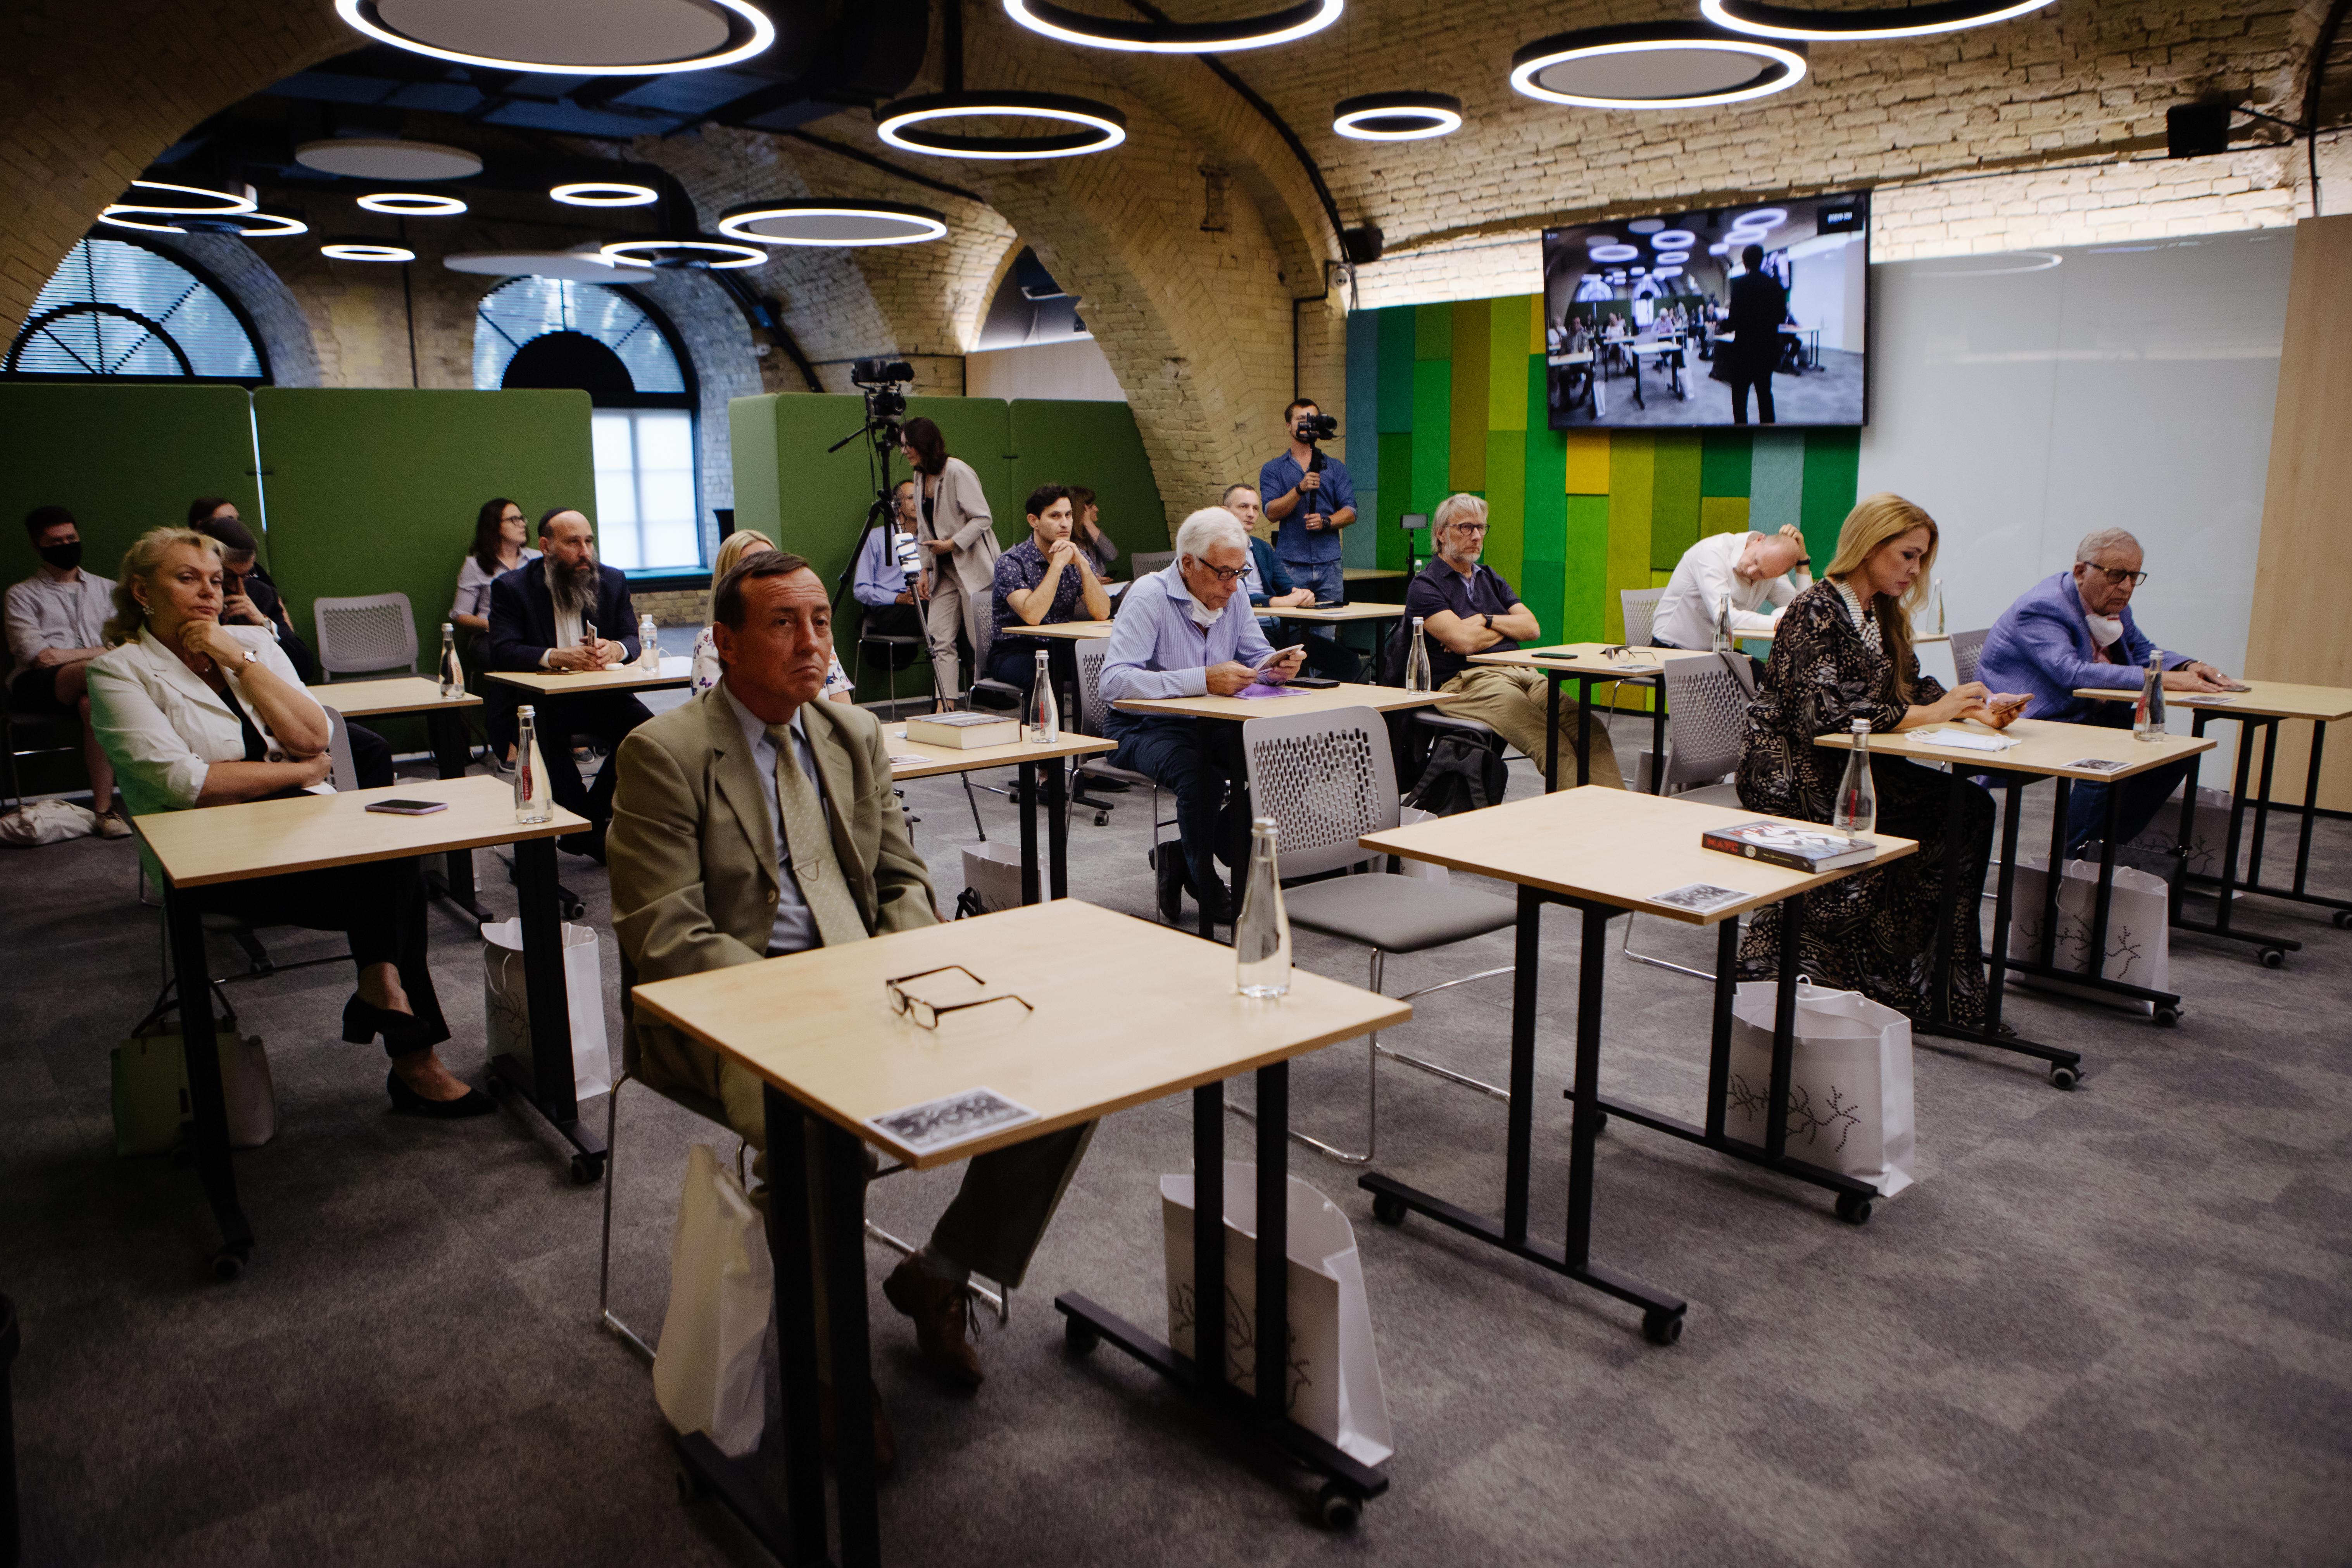 Відбулось перше засідання Громадської ради Меморіального центру Голокосту Бабин Яр